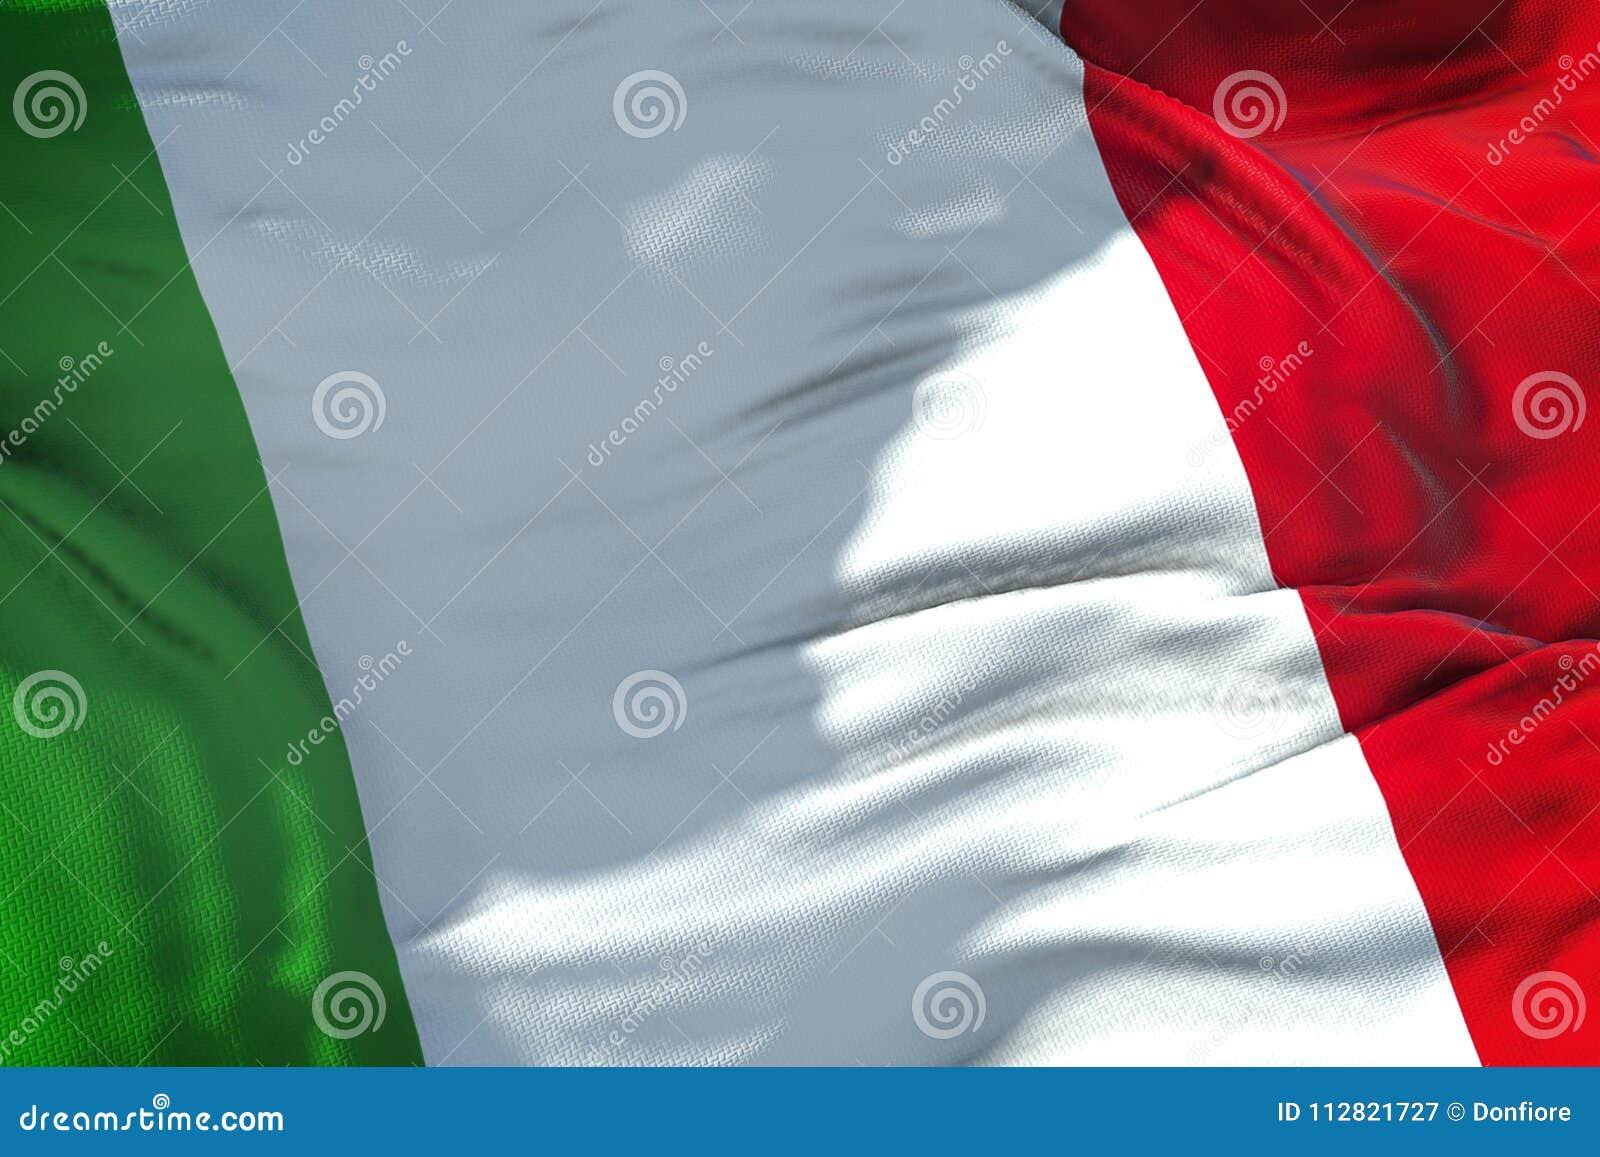 Σύσταση υφάσματος κυματισμού της σημαίας της Ιταλίας, ιταλικό εθνικό ελαφρύ κτύπημα